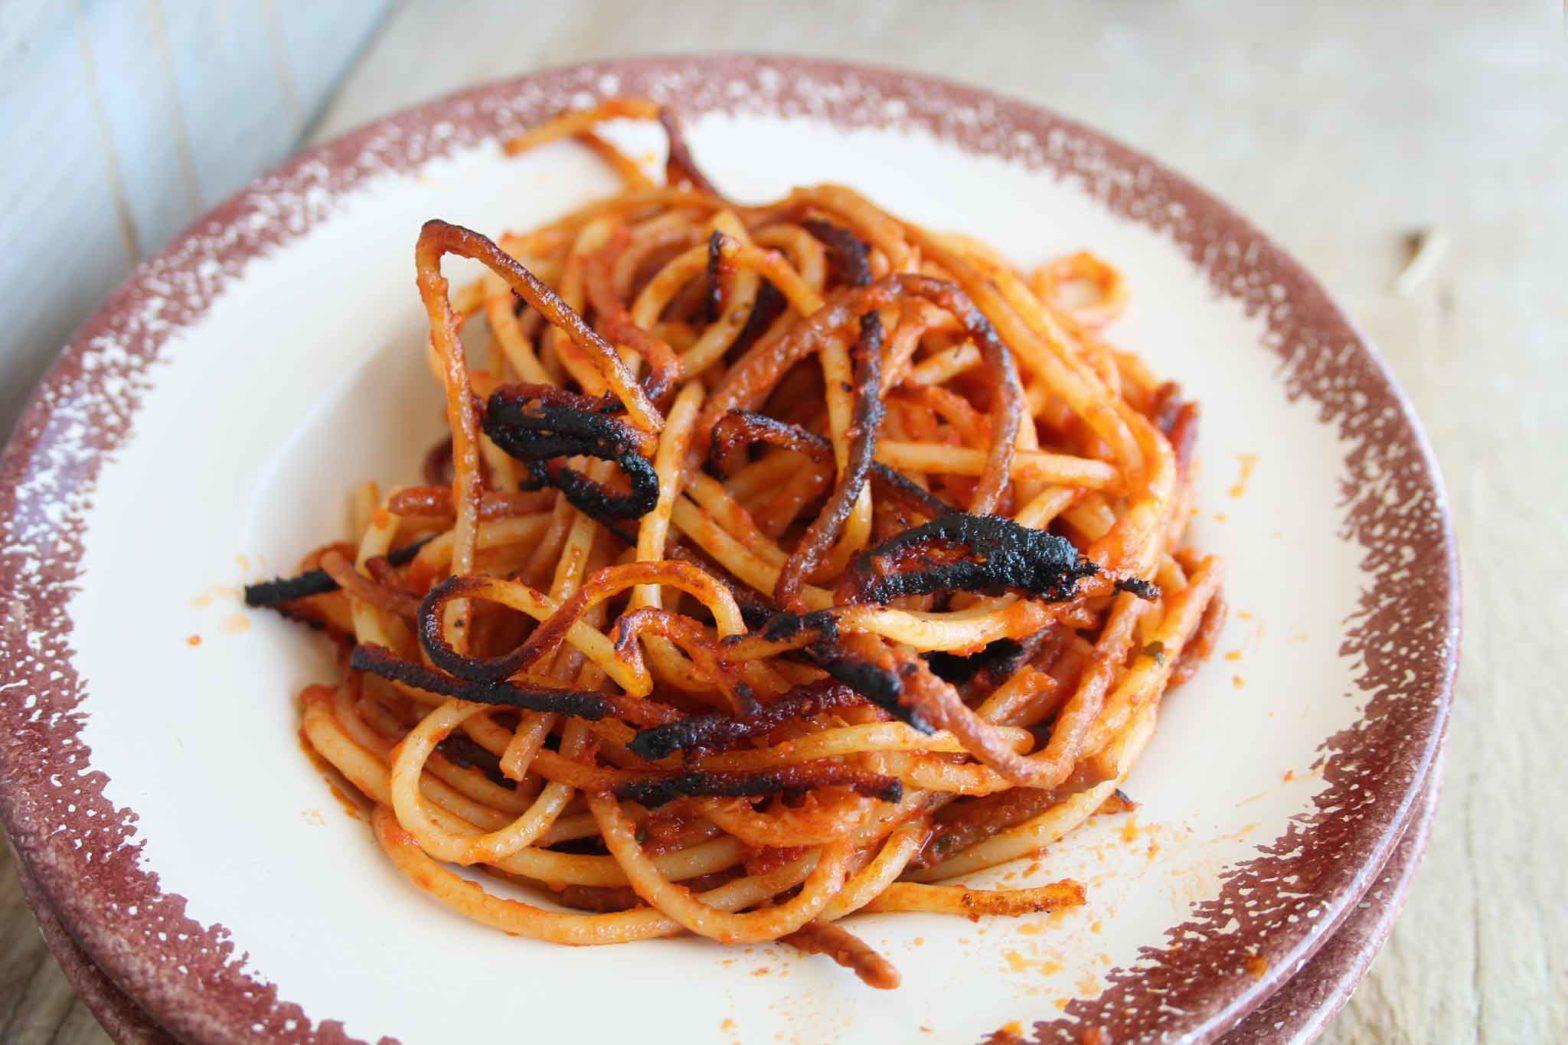 Spaghetti assassina